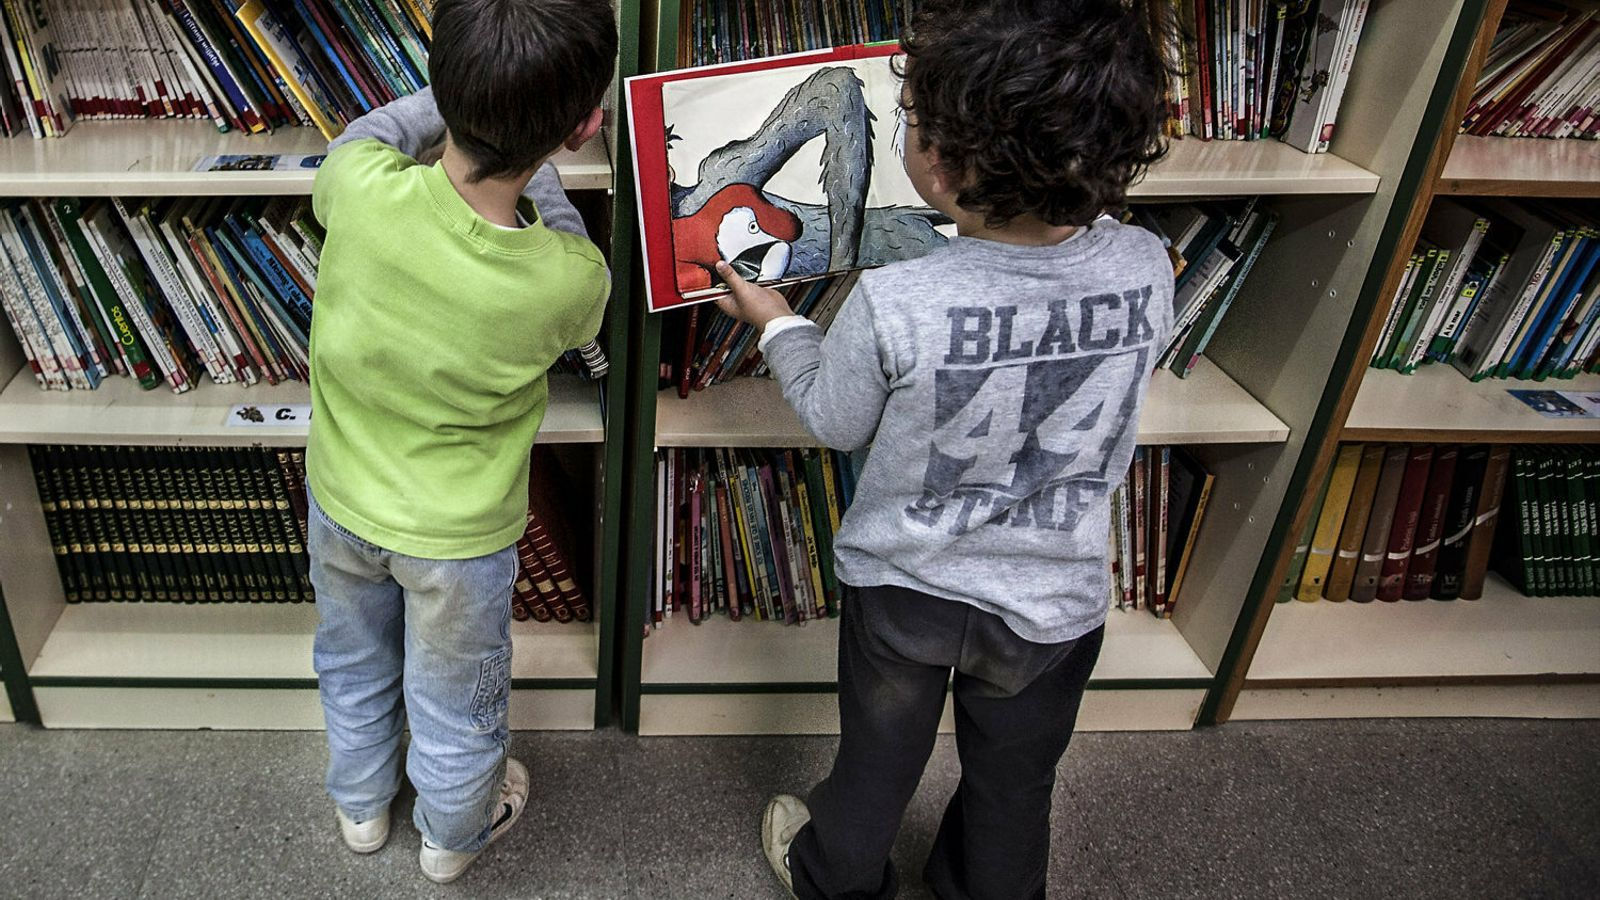 Llibres infantils sexistes: cal retirar-los o reinterpretar-los?